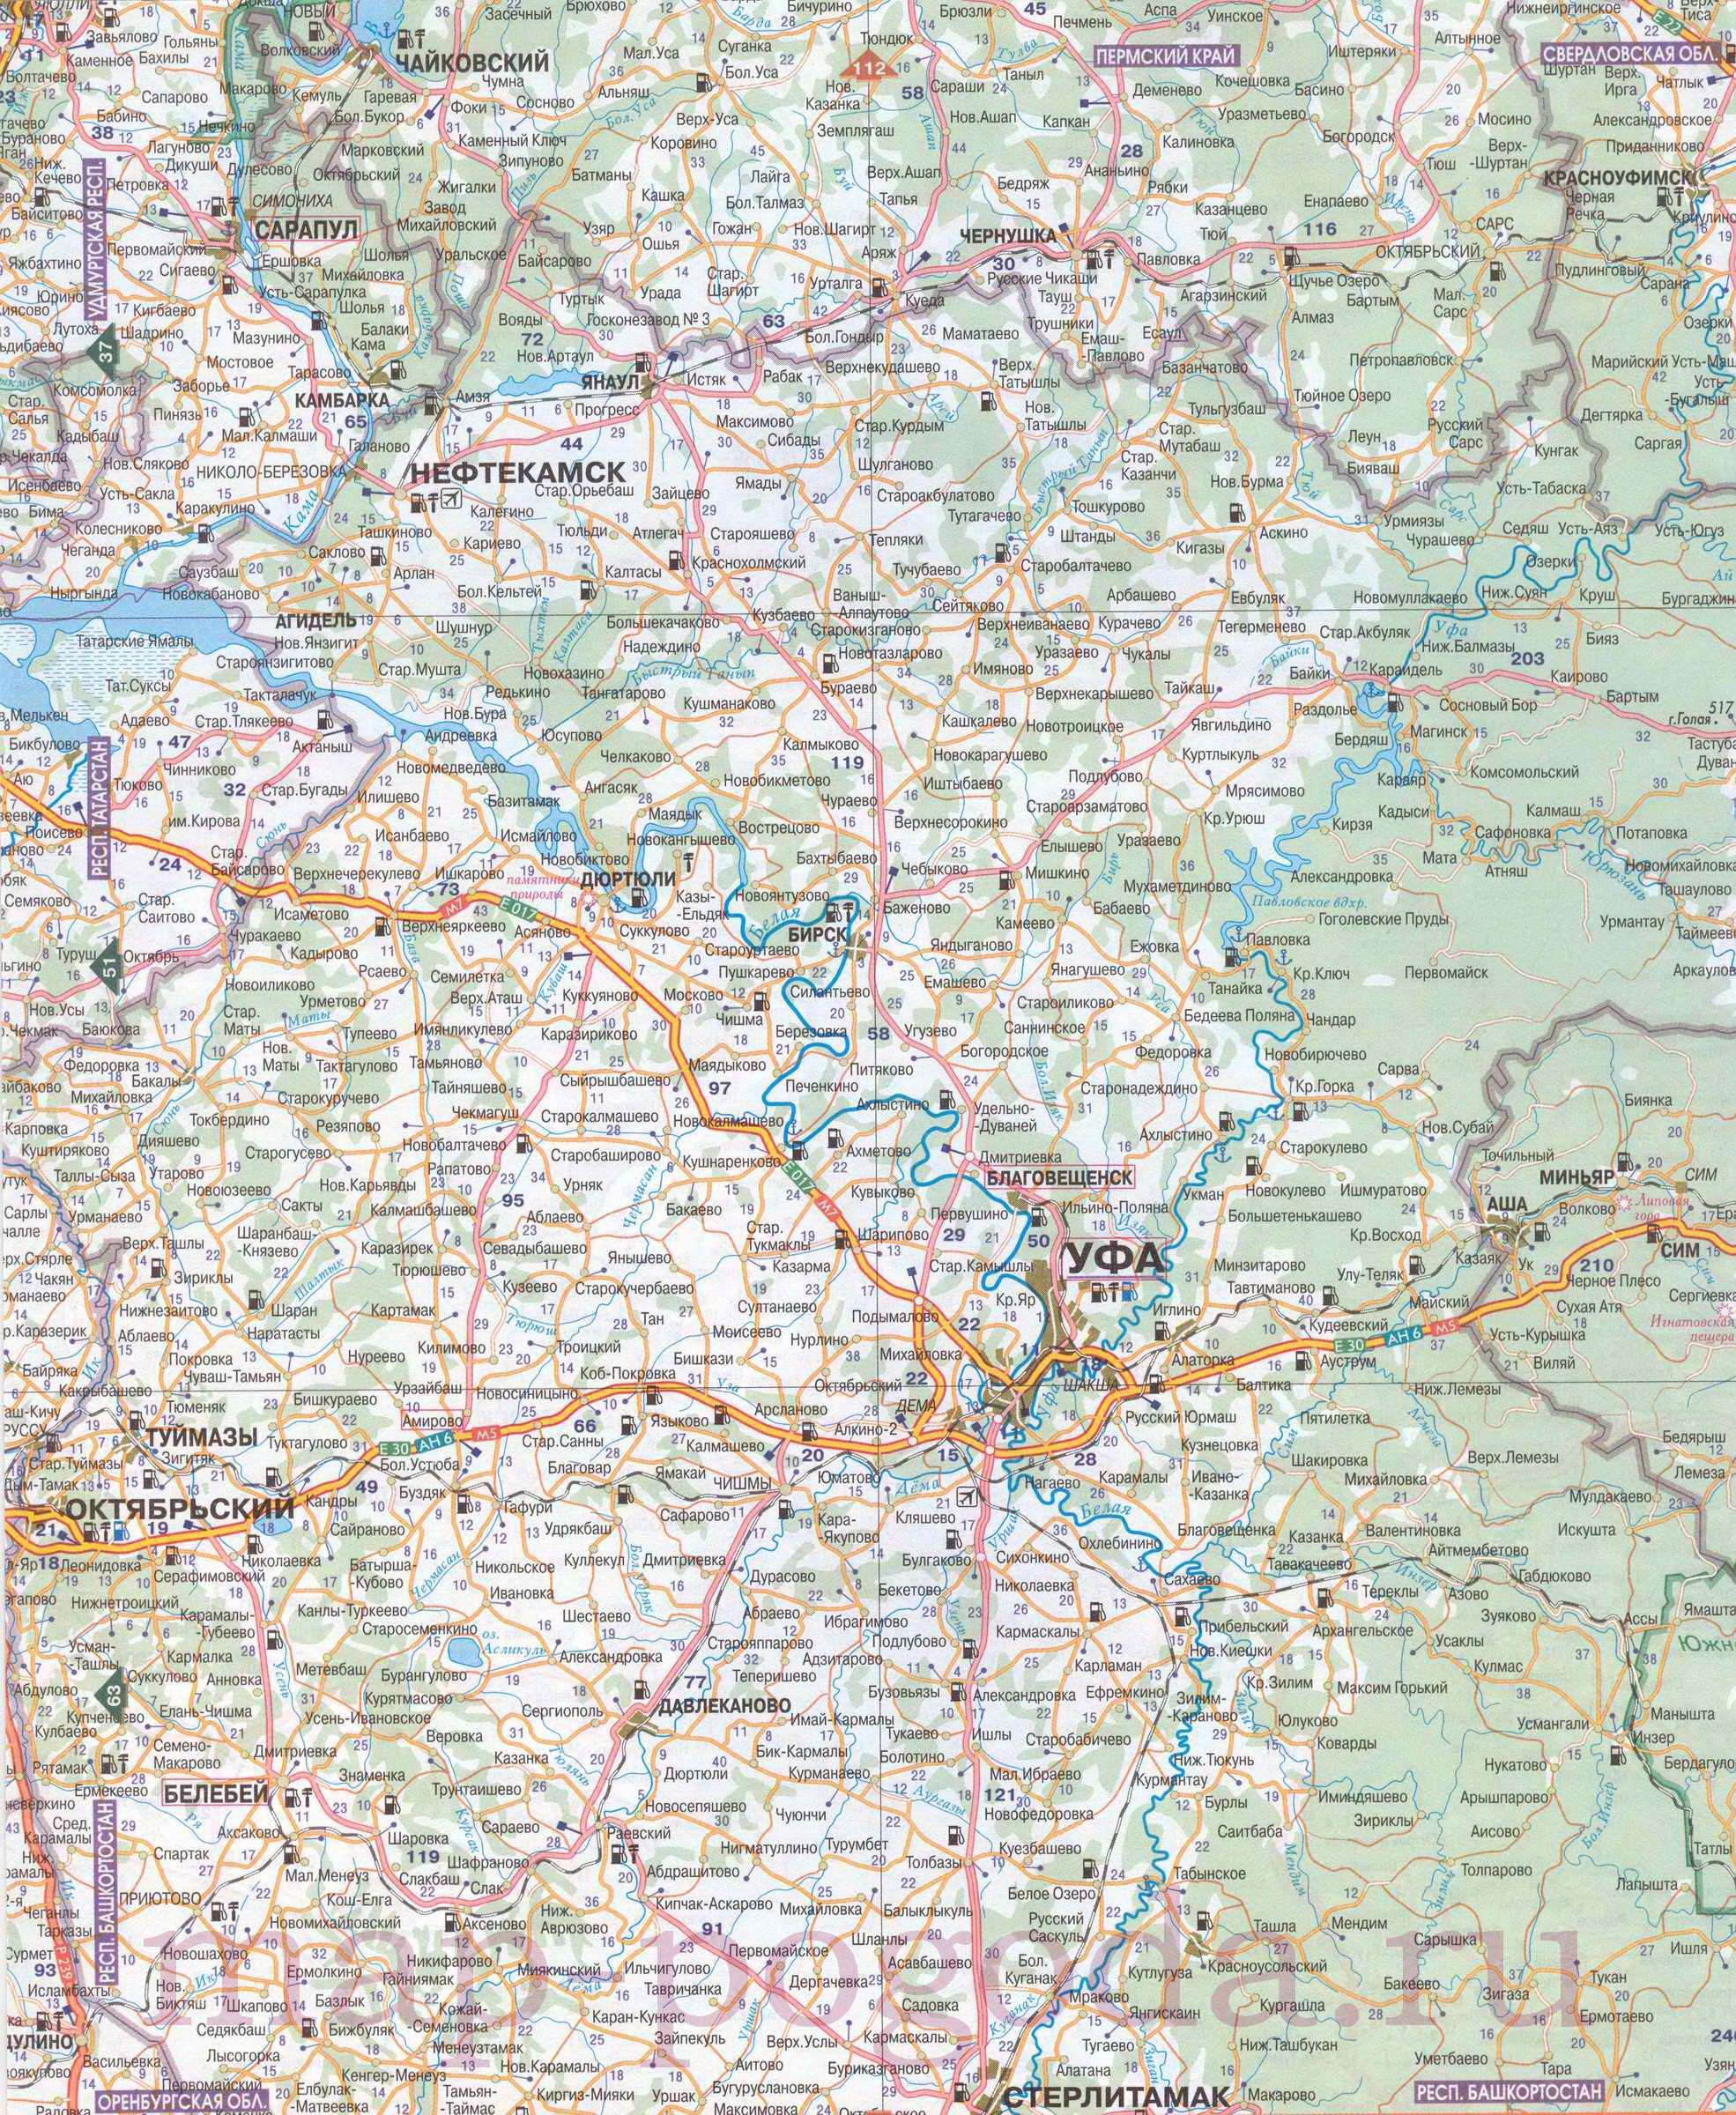 Векторная Карта Санкт Петербурга Скачать Бесплатно